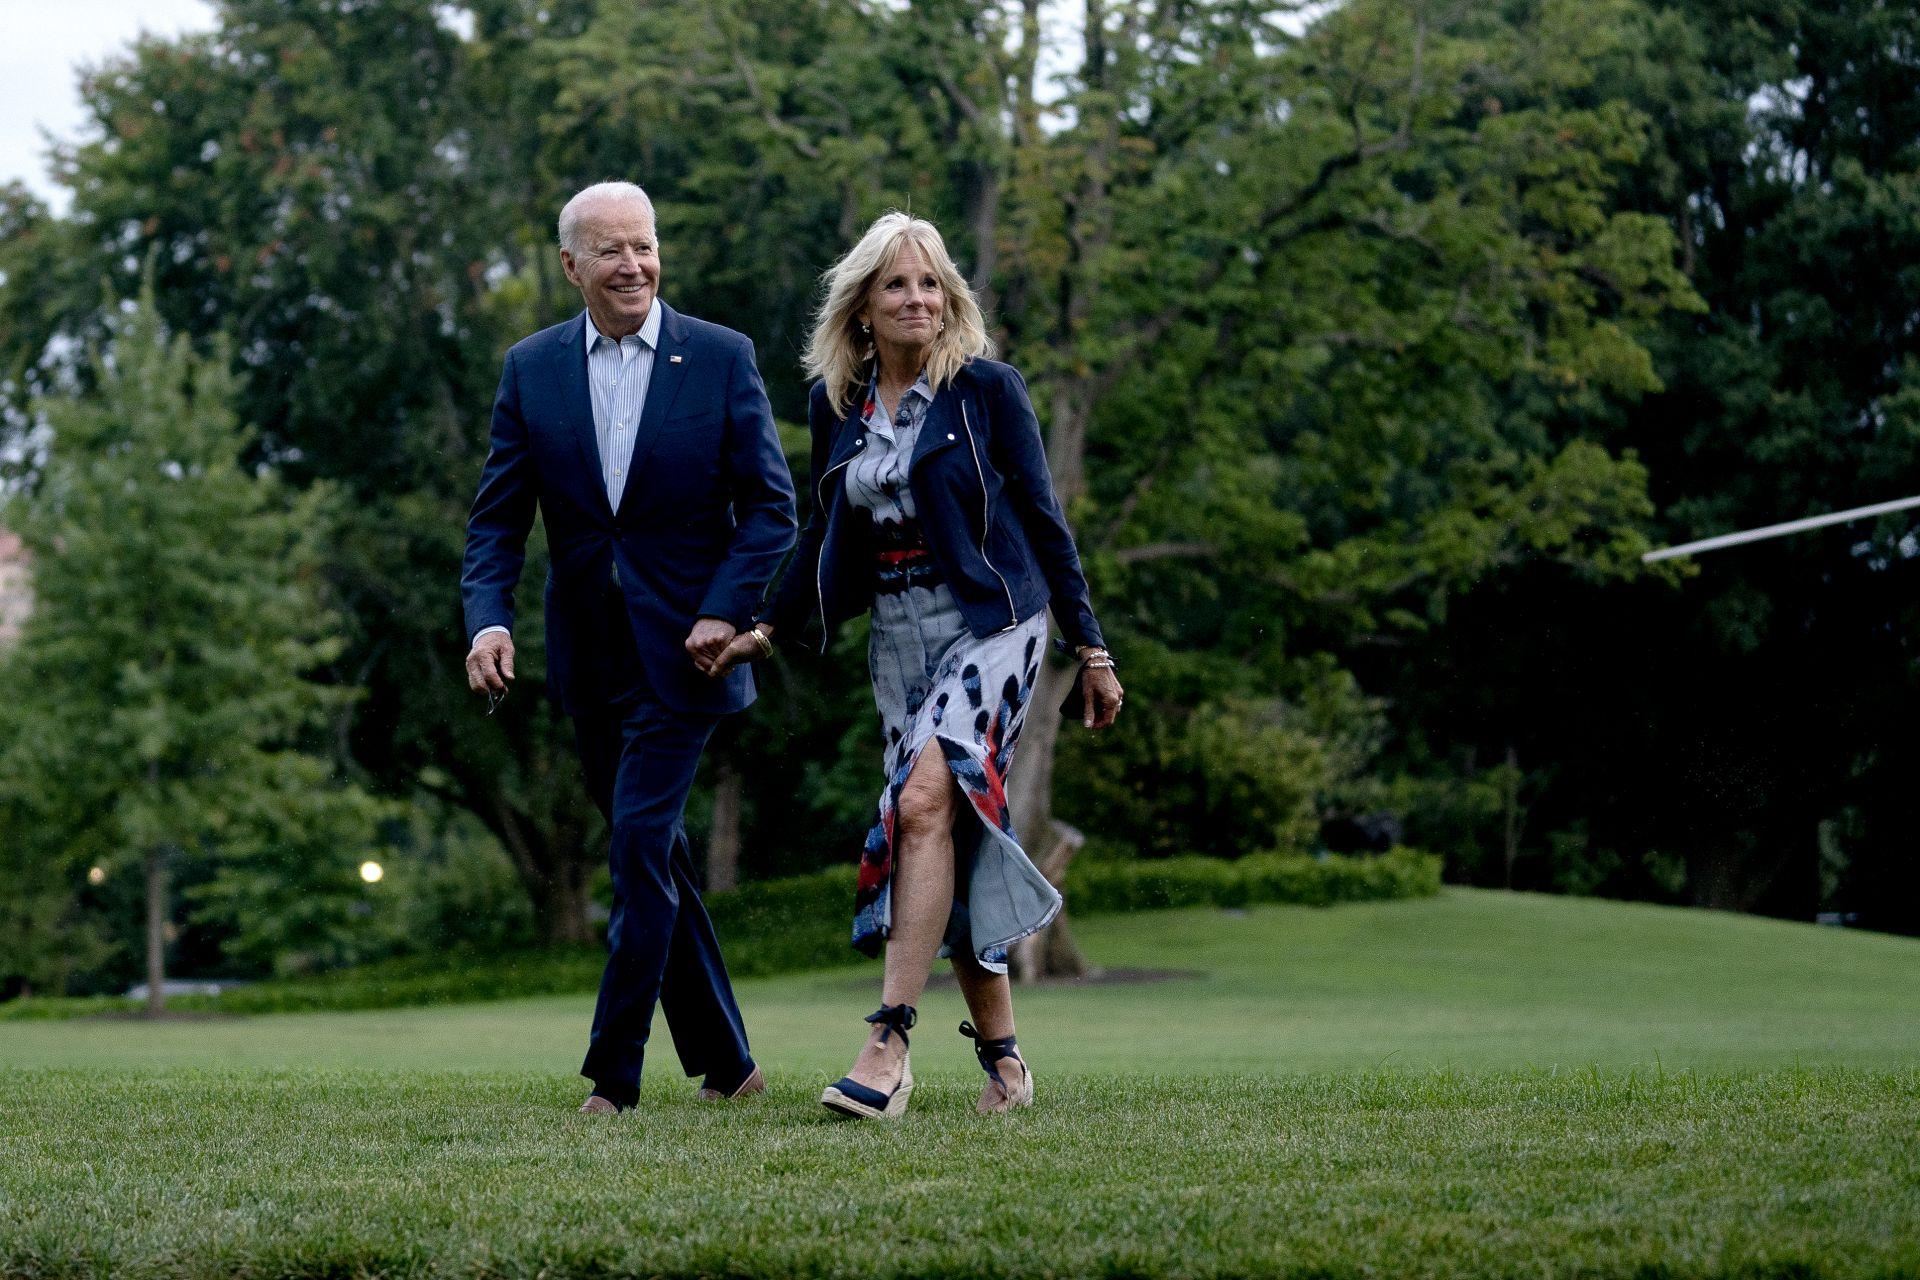 Джил и Джо Байдън на южната поляна на Белия дом на 18 юли 2021 г. във Вашингтон след връщане от уикенд в президенсткото убежище  Кемп Дейвид.